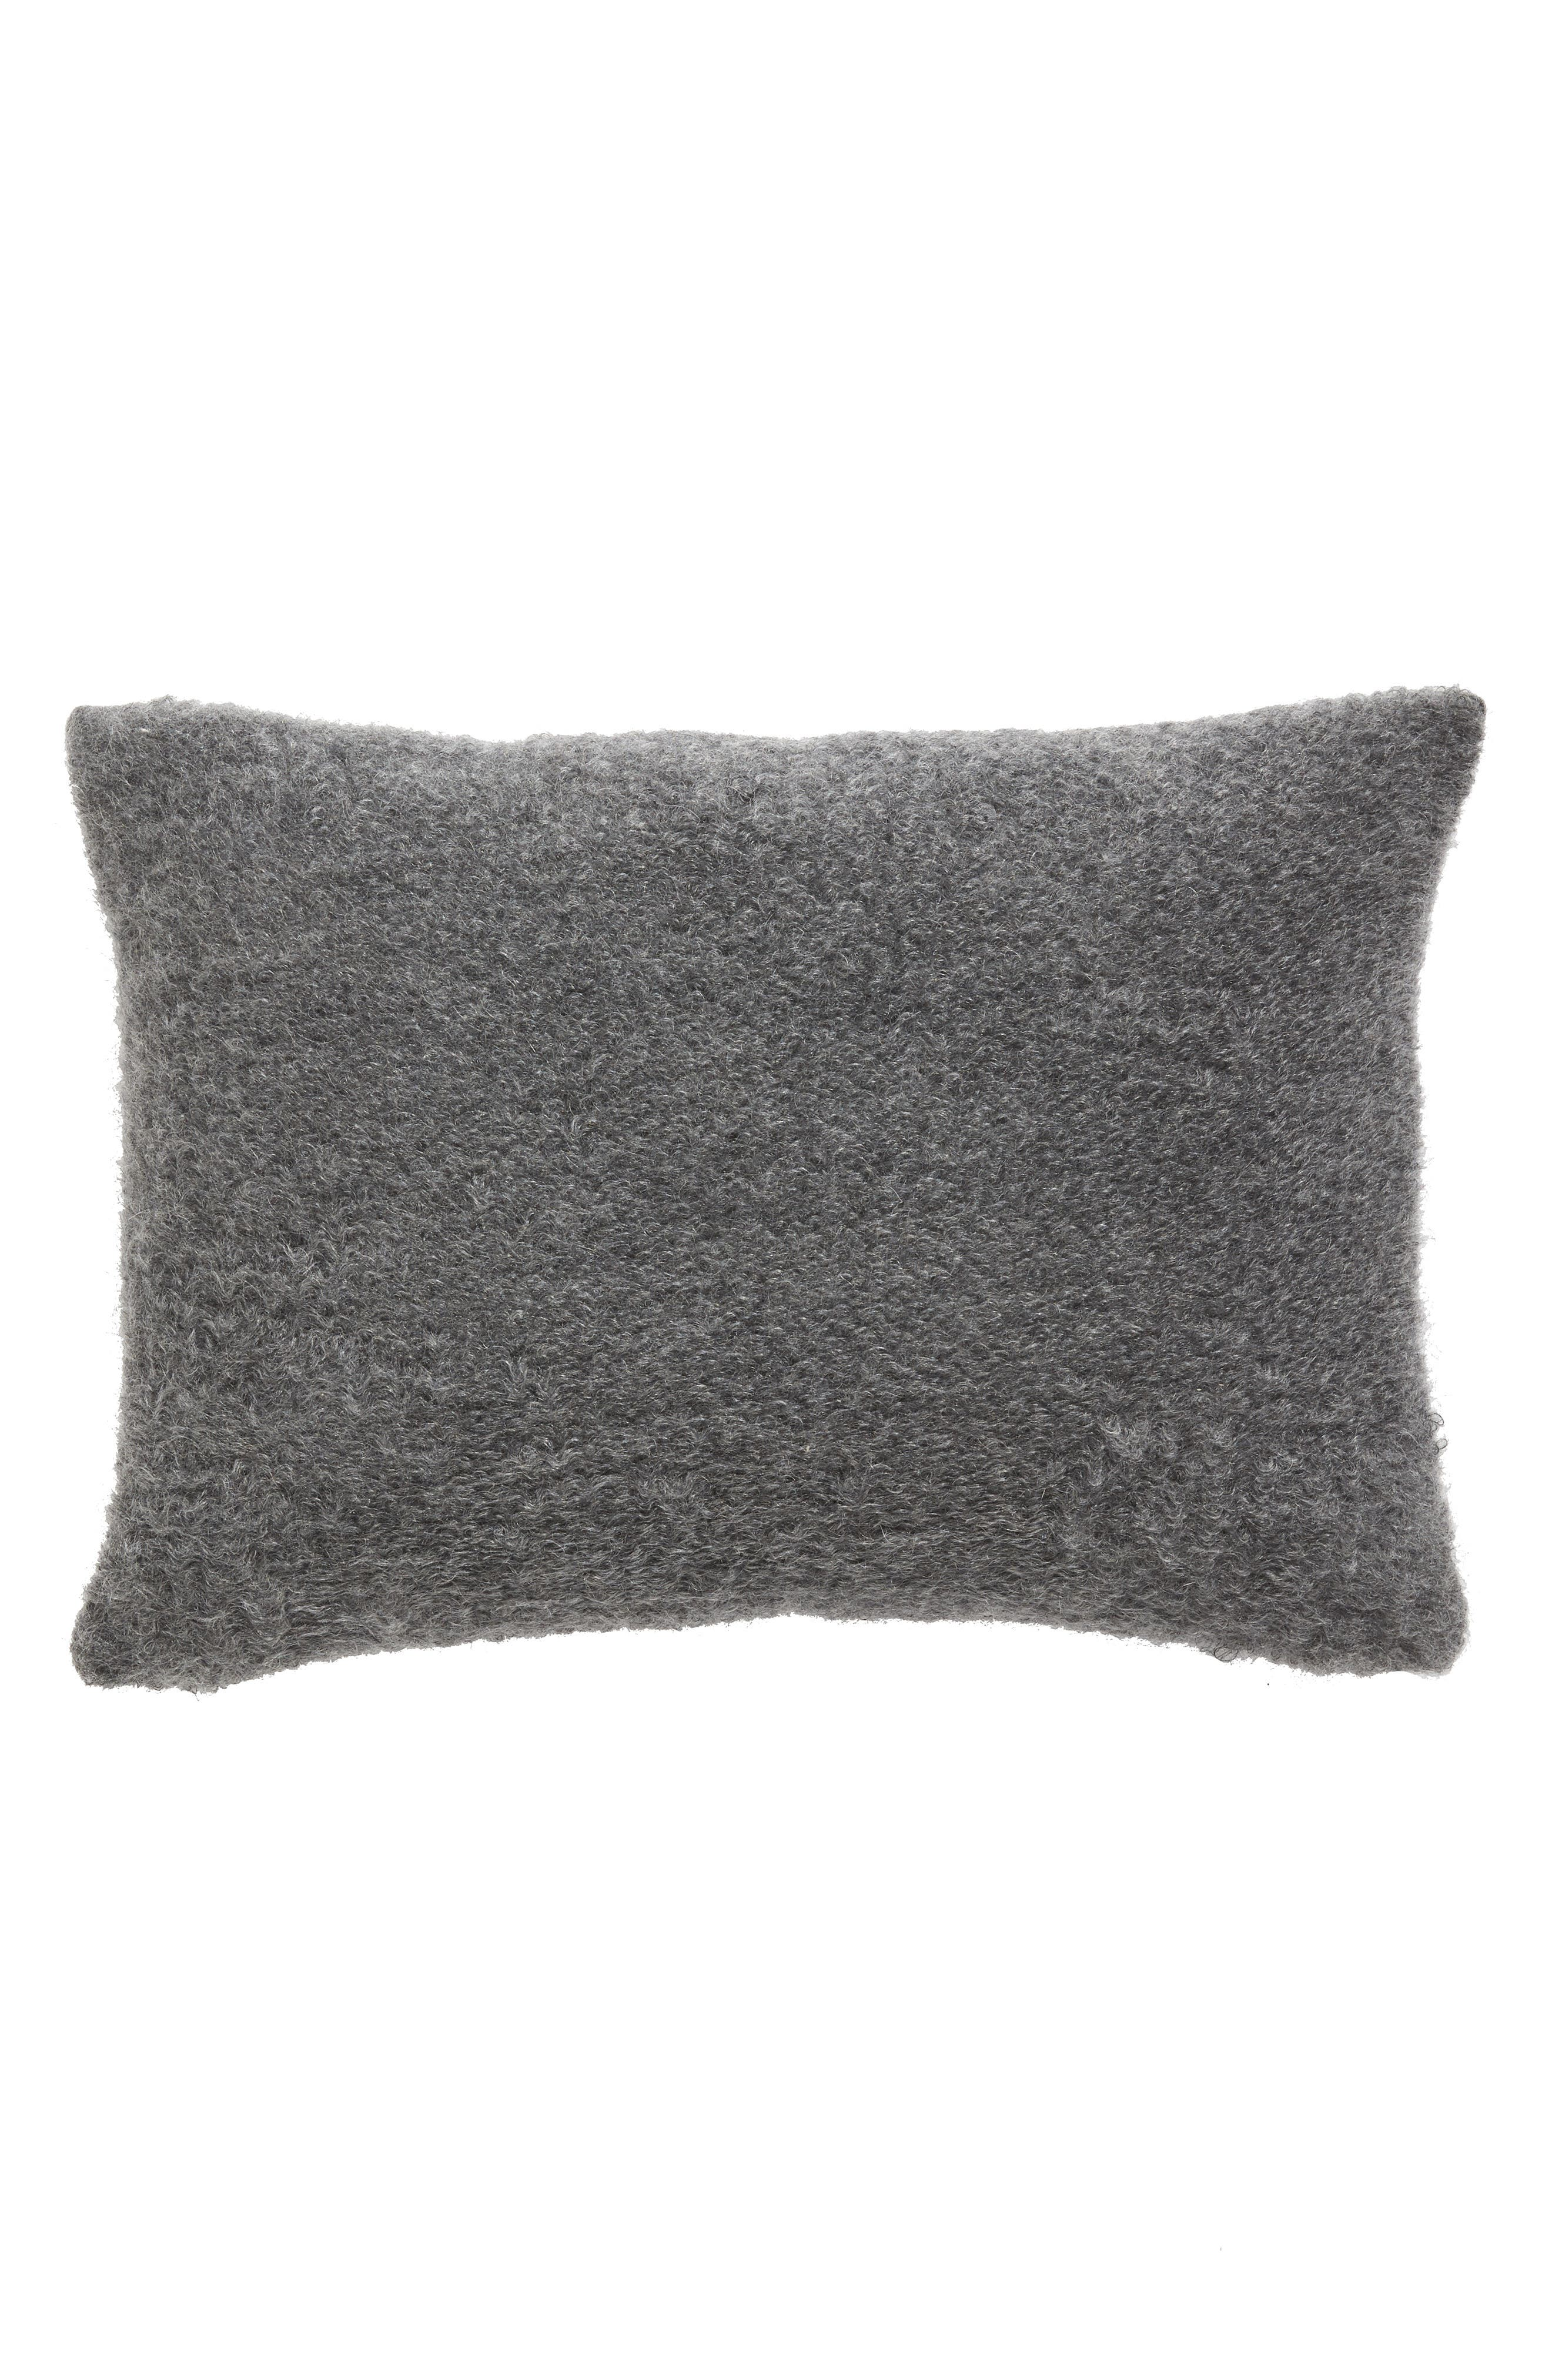 Collio Pillow,                         Main,                         color, Graphite